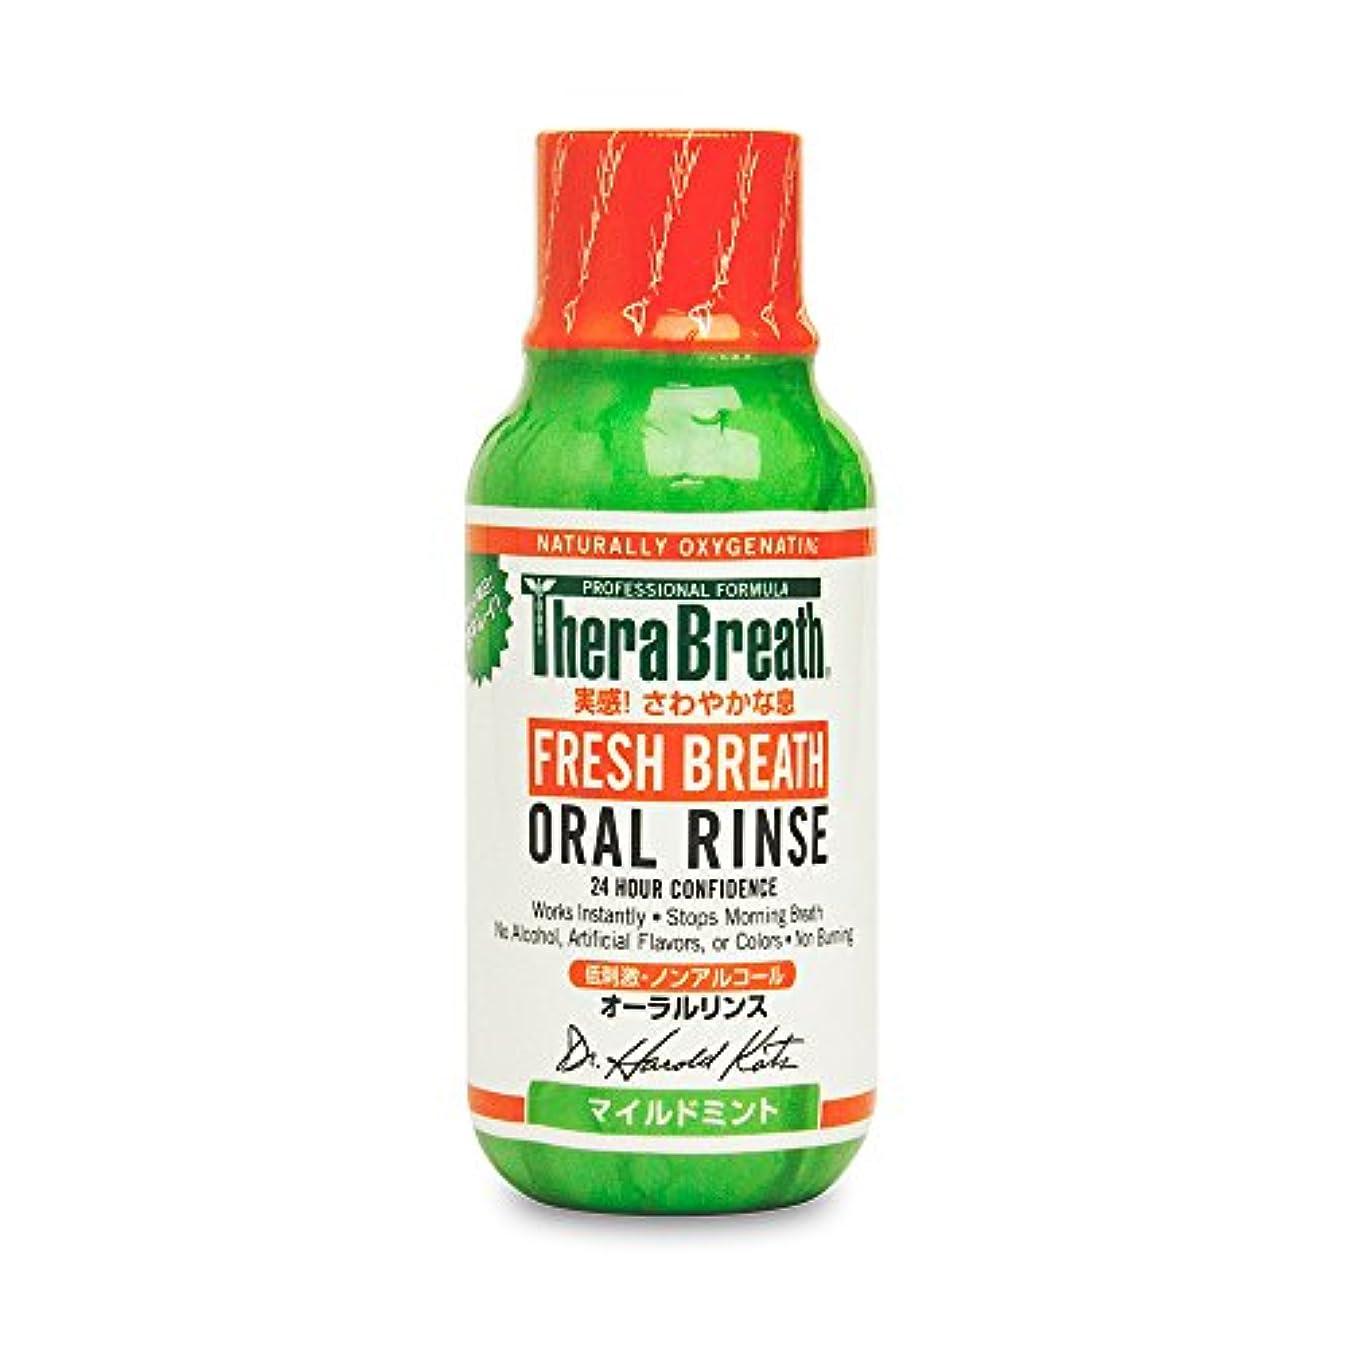 おとなしい議題レモンTheraBreath (セラブレス) セラブレス オーラルリンスミニボトル 88ml (正規輸入品) マウスウォッシュ